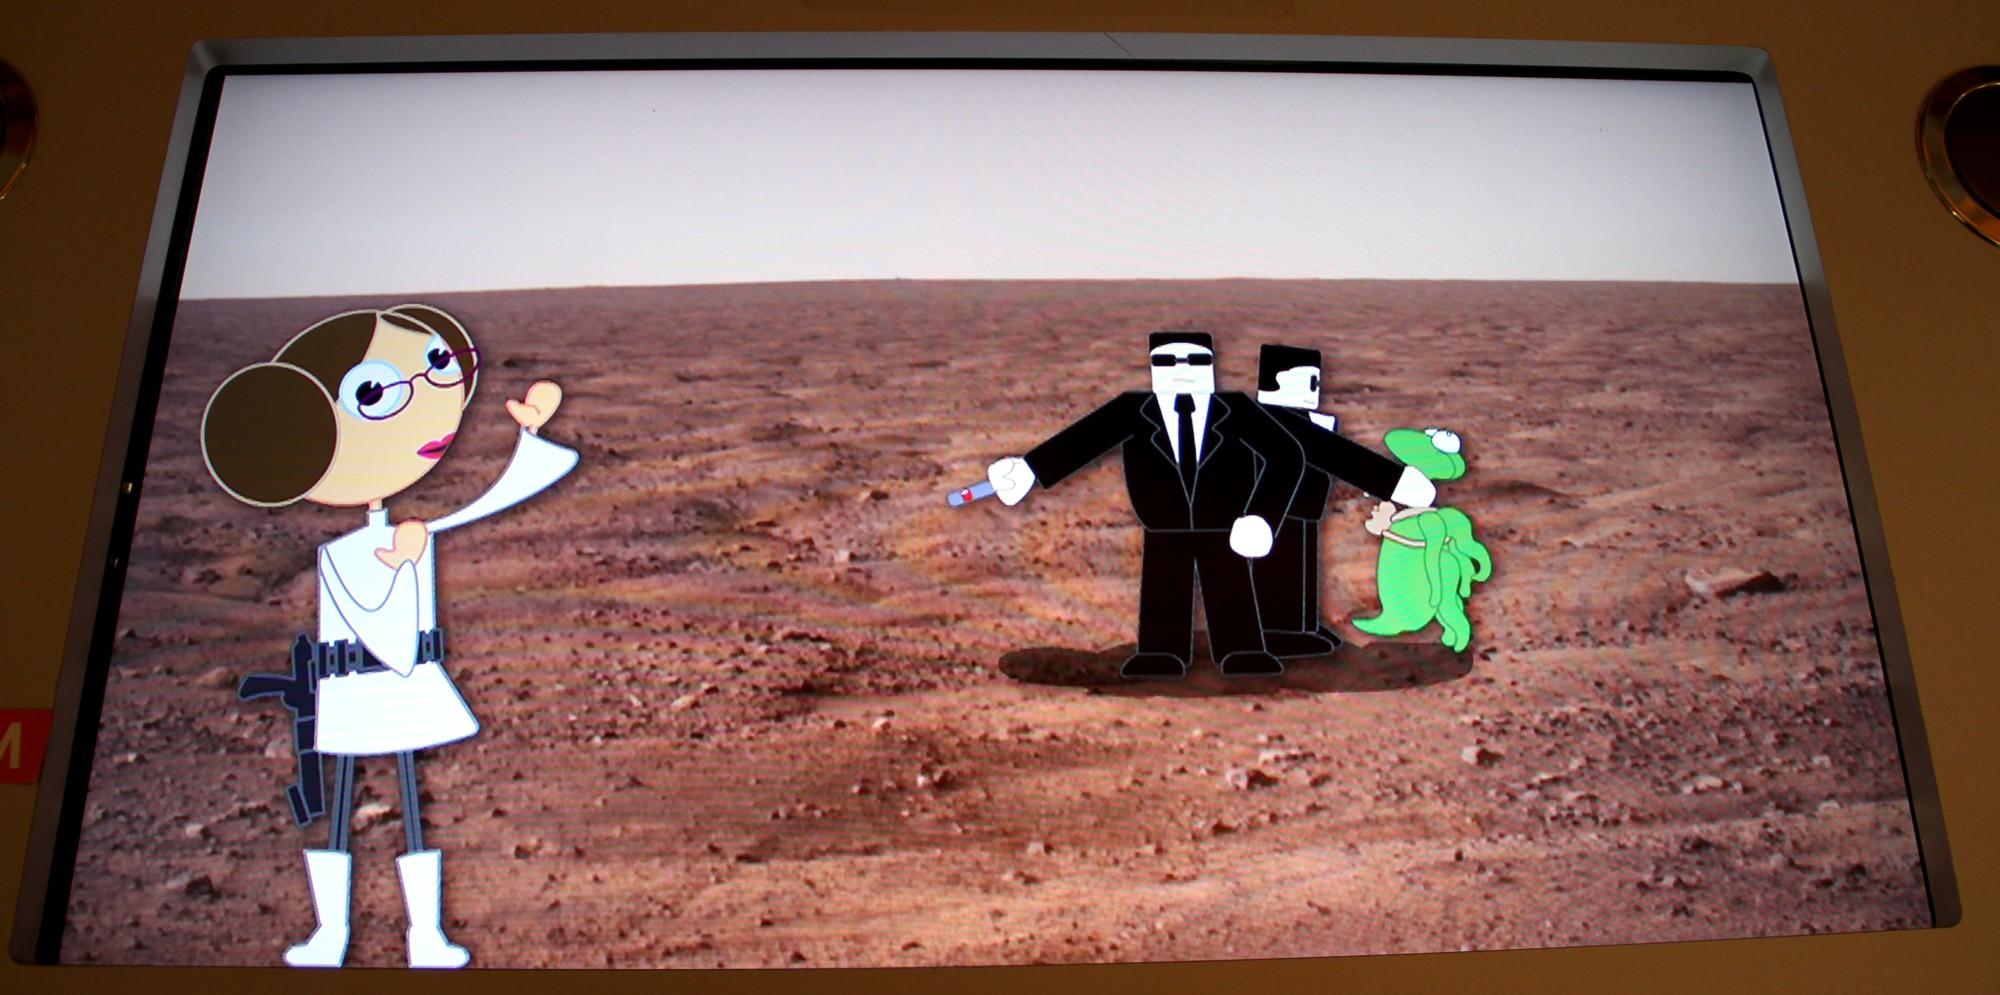 14 12 18 - 17h 43m 29s - Expo l'eau sur Mars pavillon de l'eau (1) r